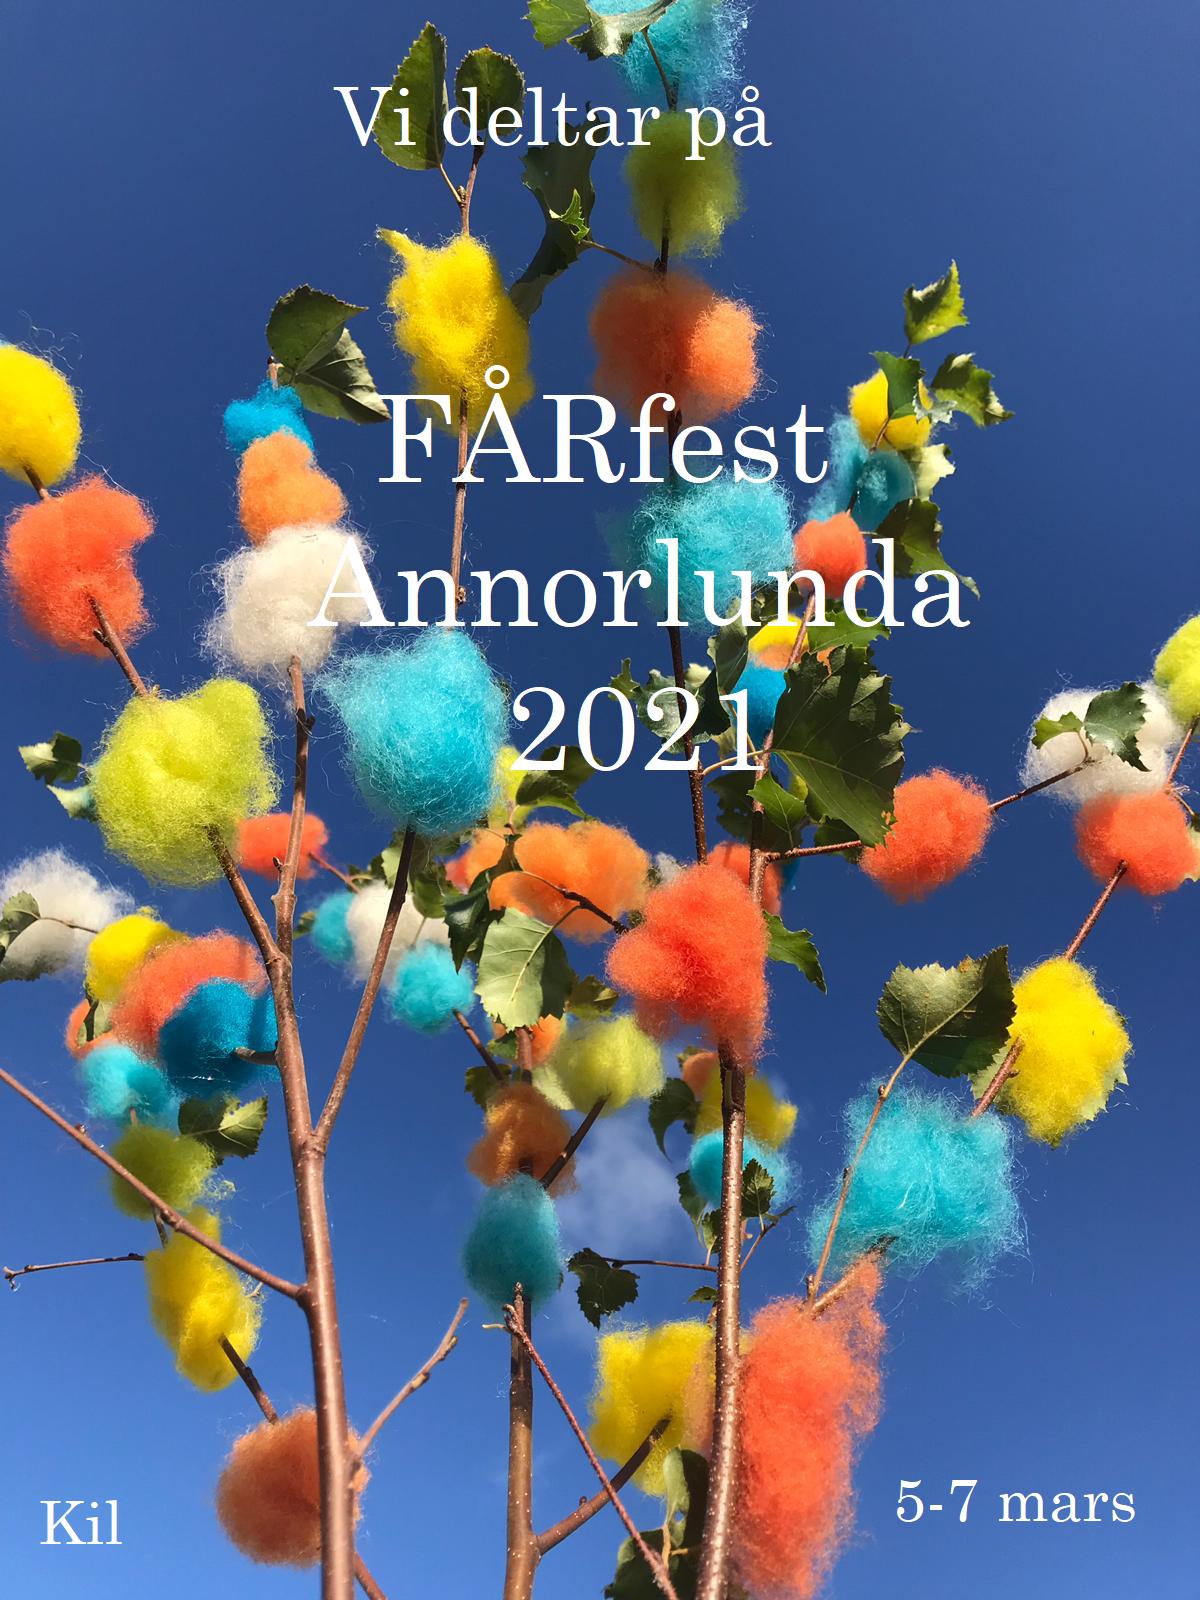 Vi deltar på FÅRfest Annorlunda 5-7 mars 2021